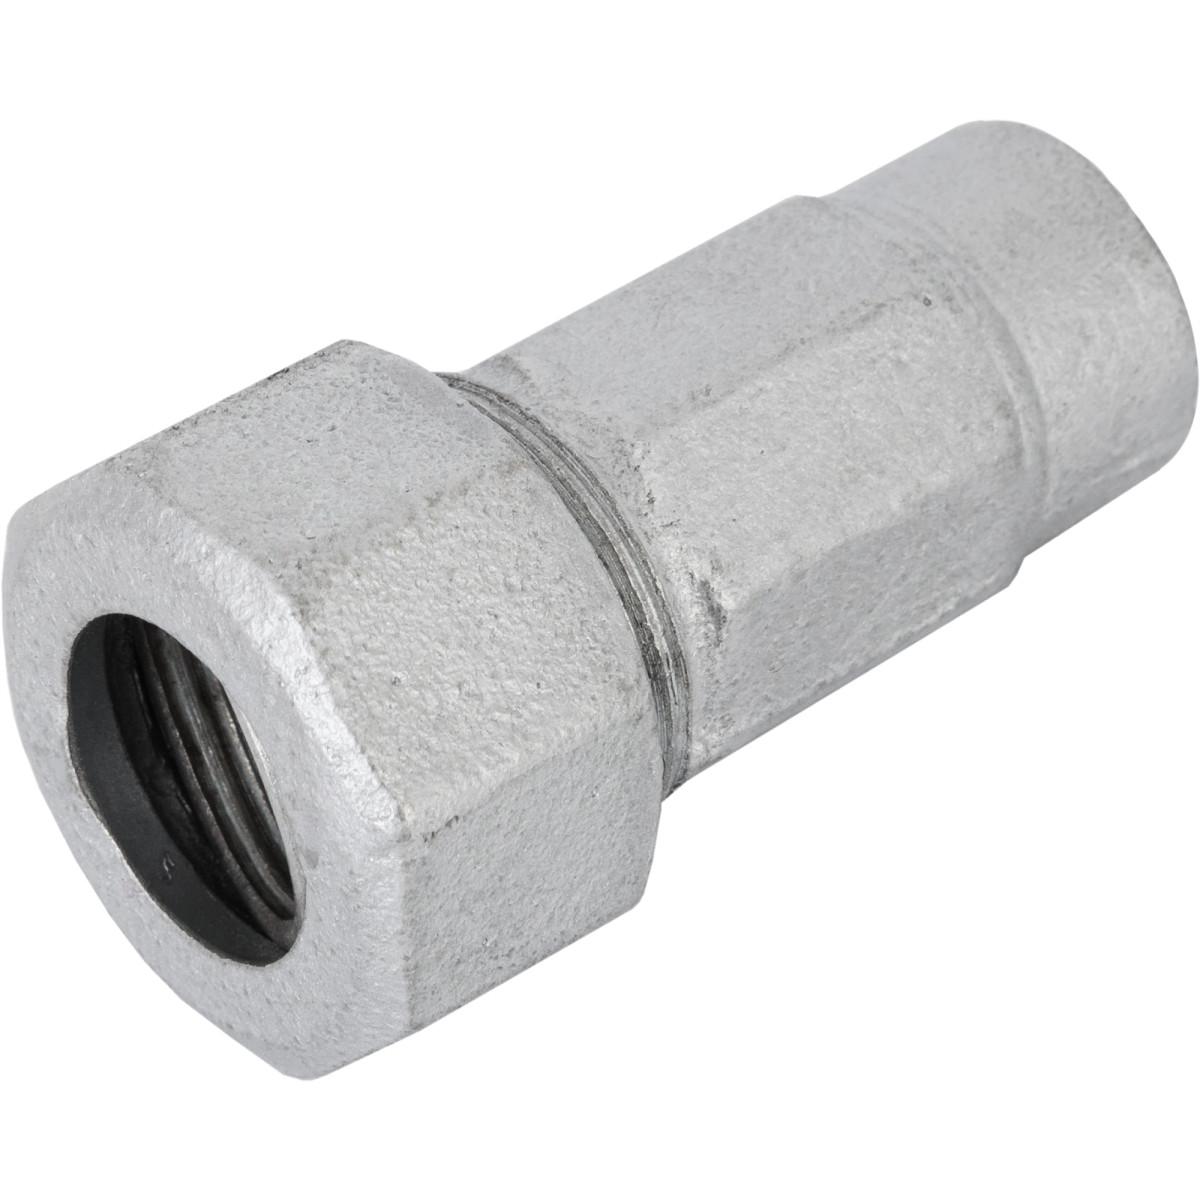 Муфта соединительная внутренняя резьба 1/2 мм